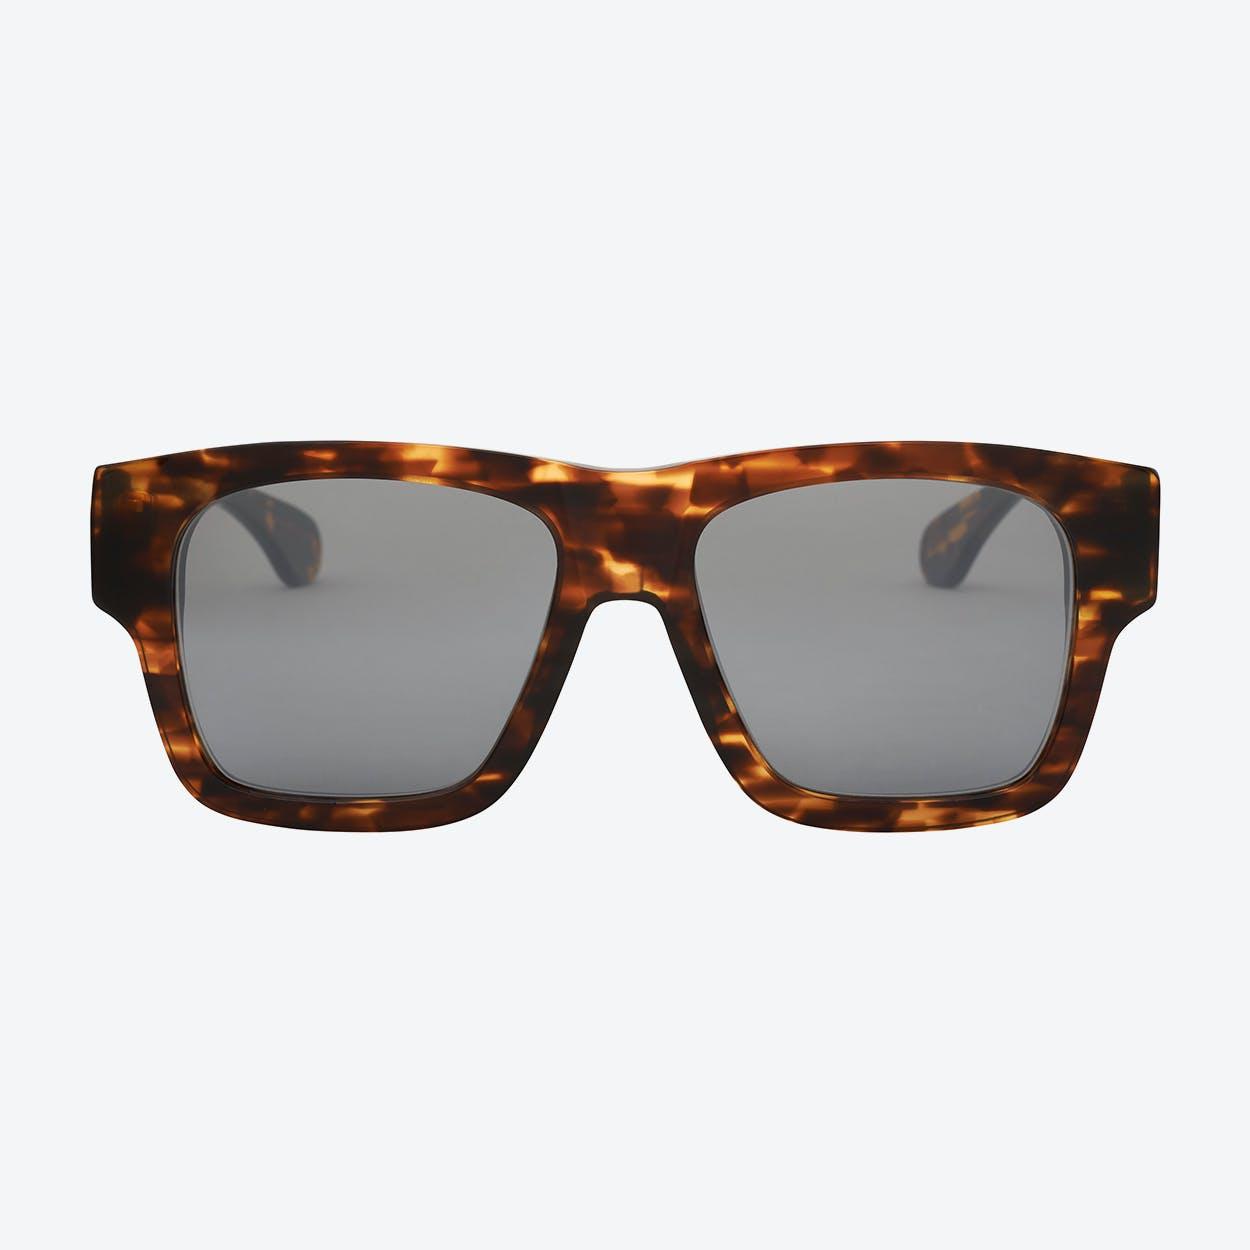 Jeroen Sunglasses in Tortoise